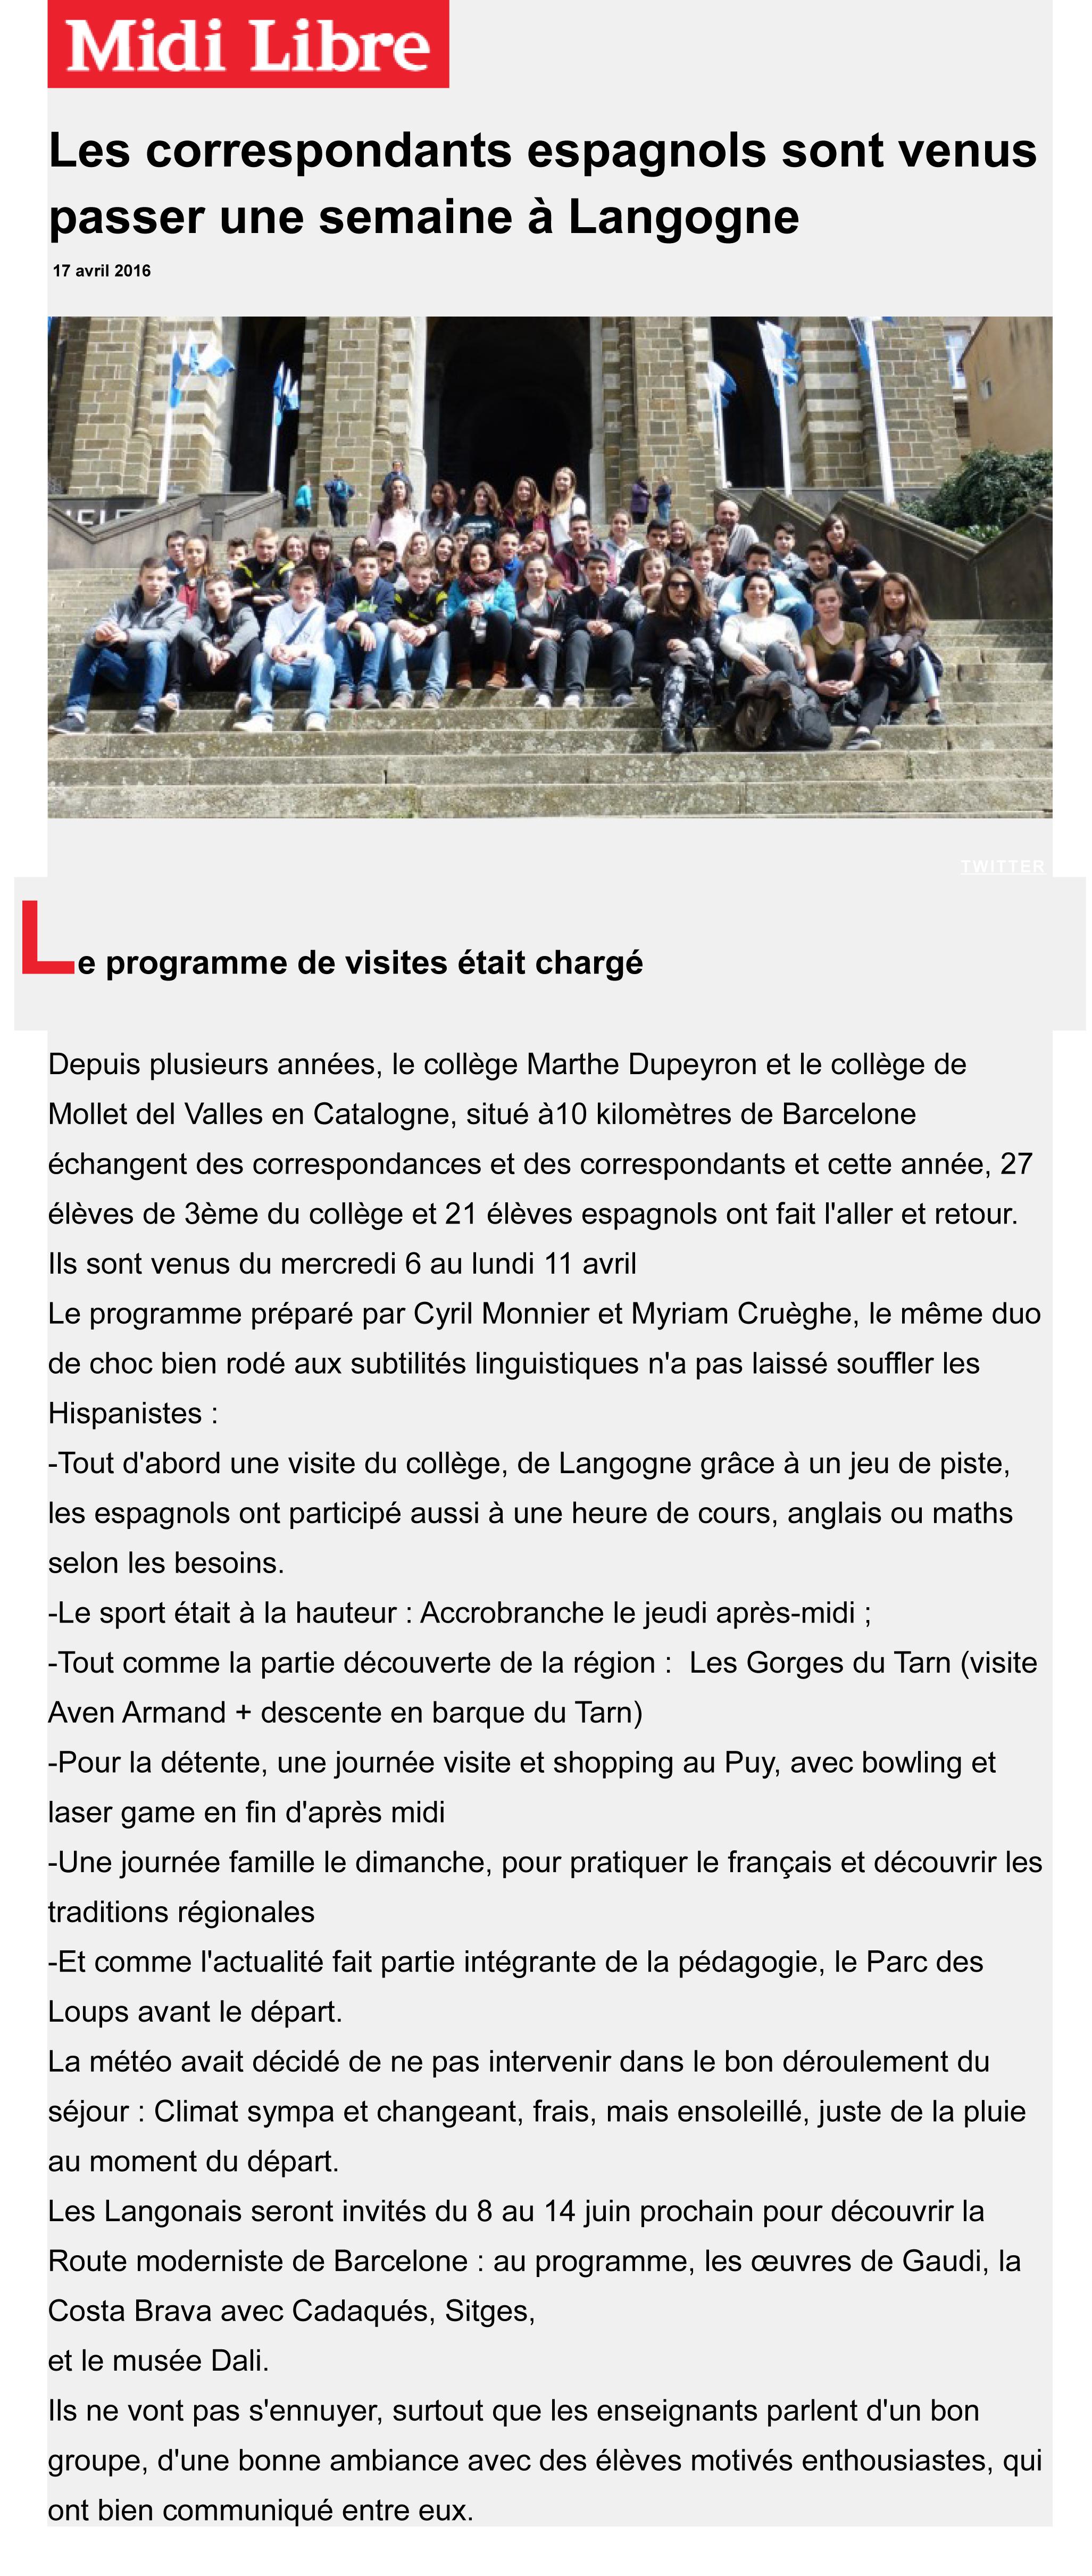 Article Midi Libre du 17 avril 2016